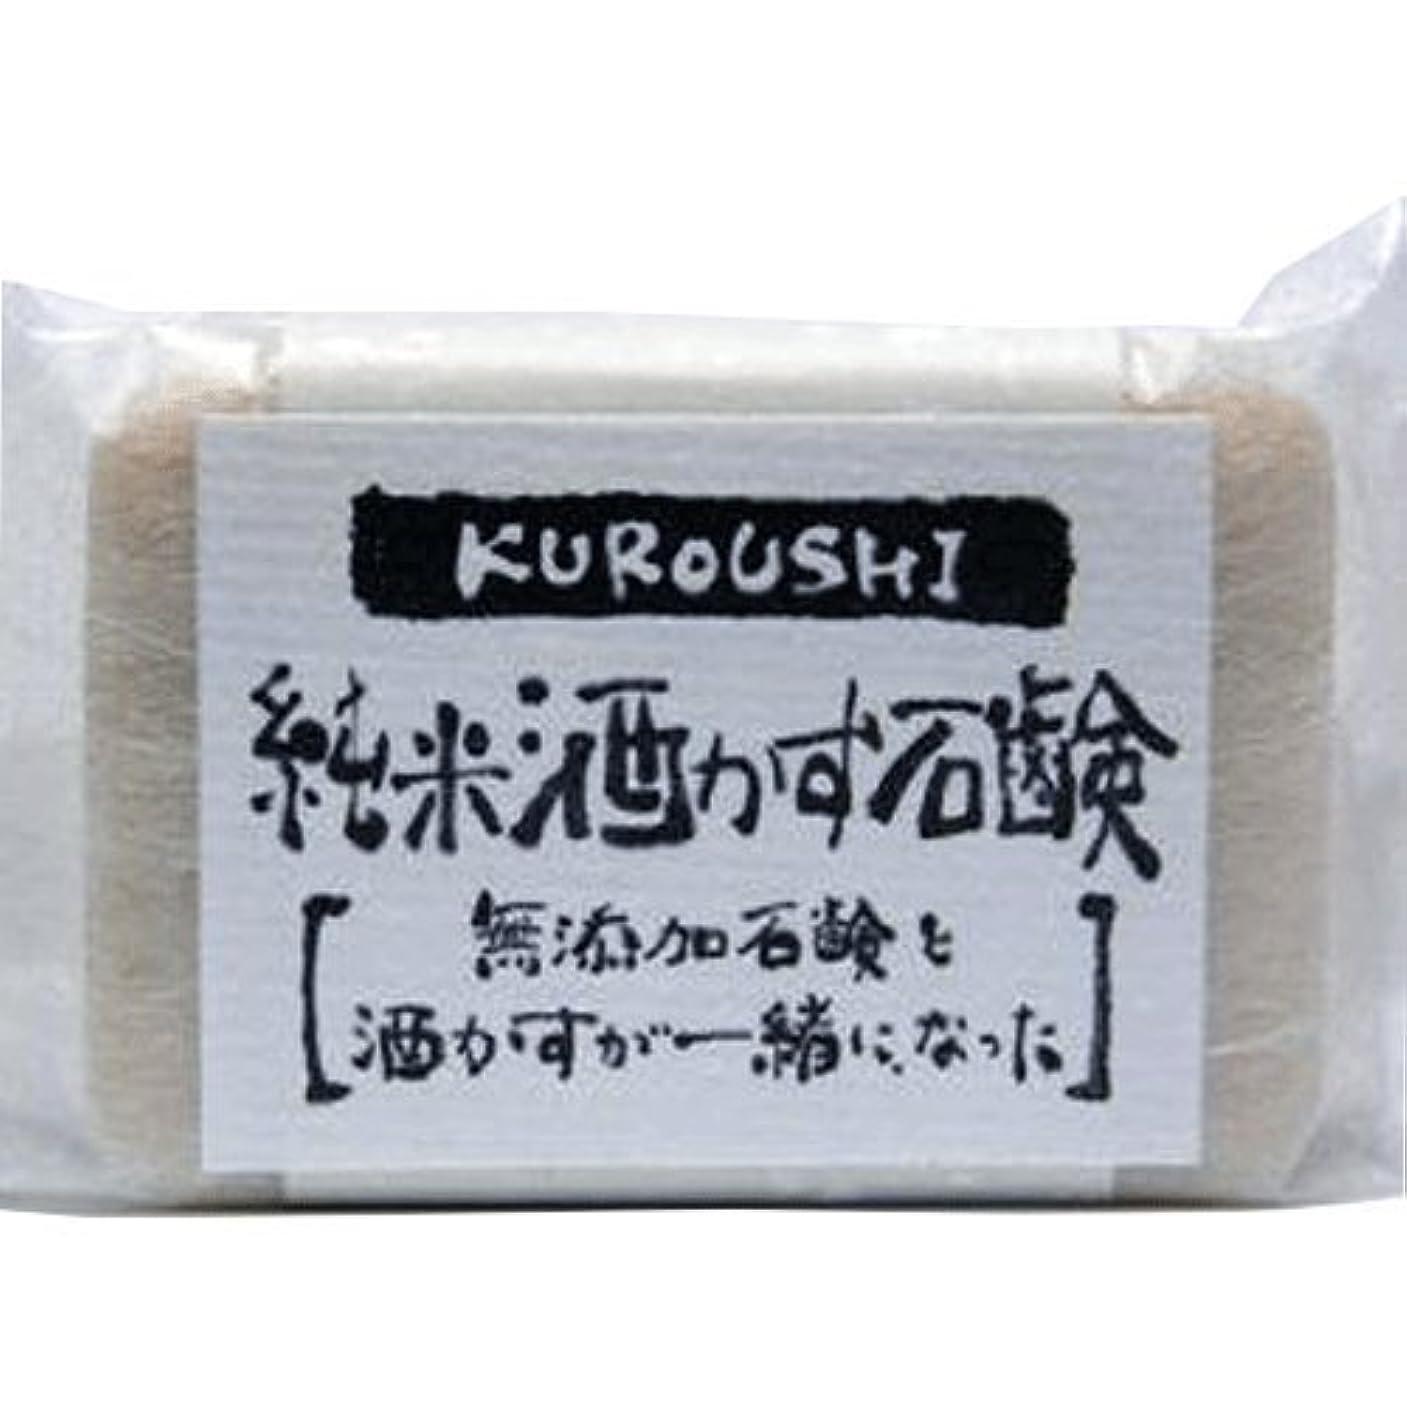 一杯代表マインドKUROUSHI 純米酒かす 無添加石鹸(せっけん) 120g 6個セット